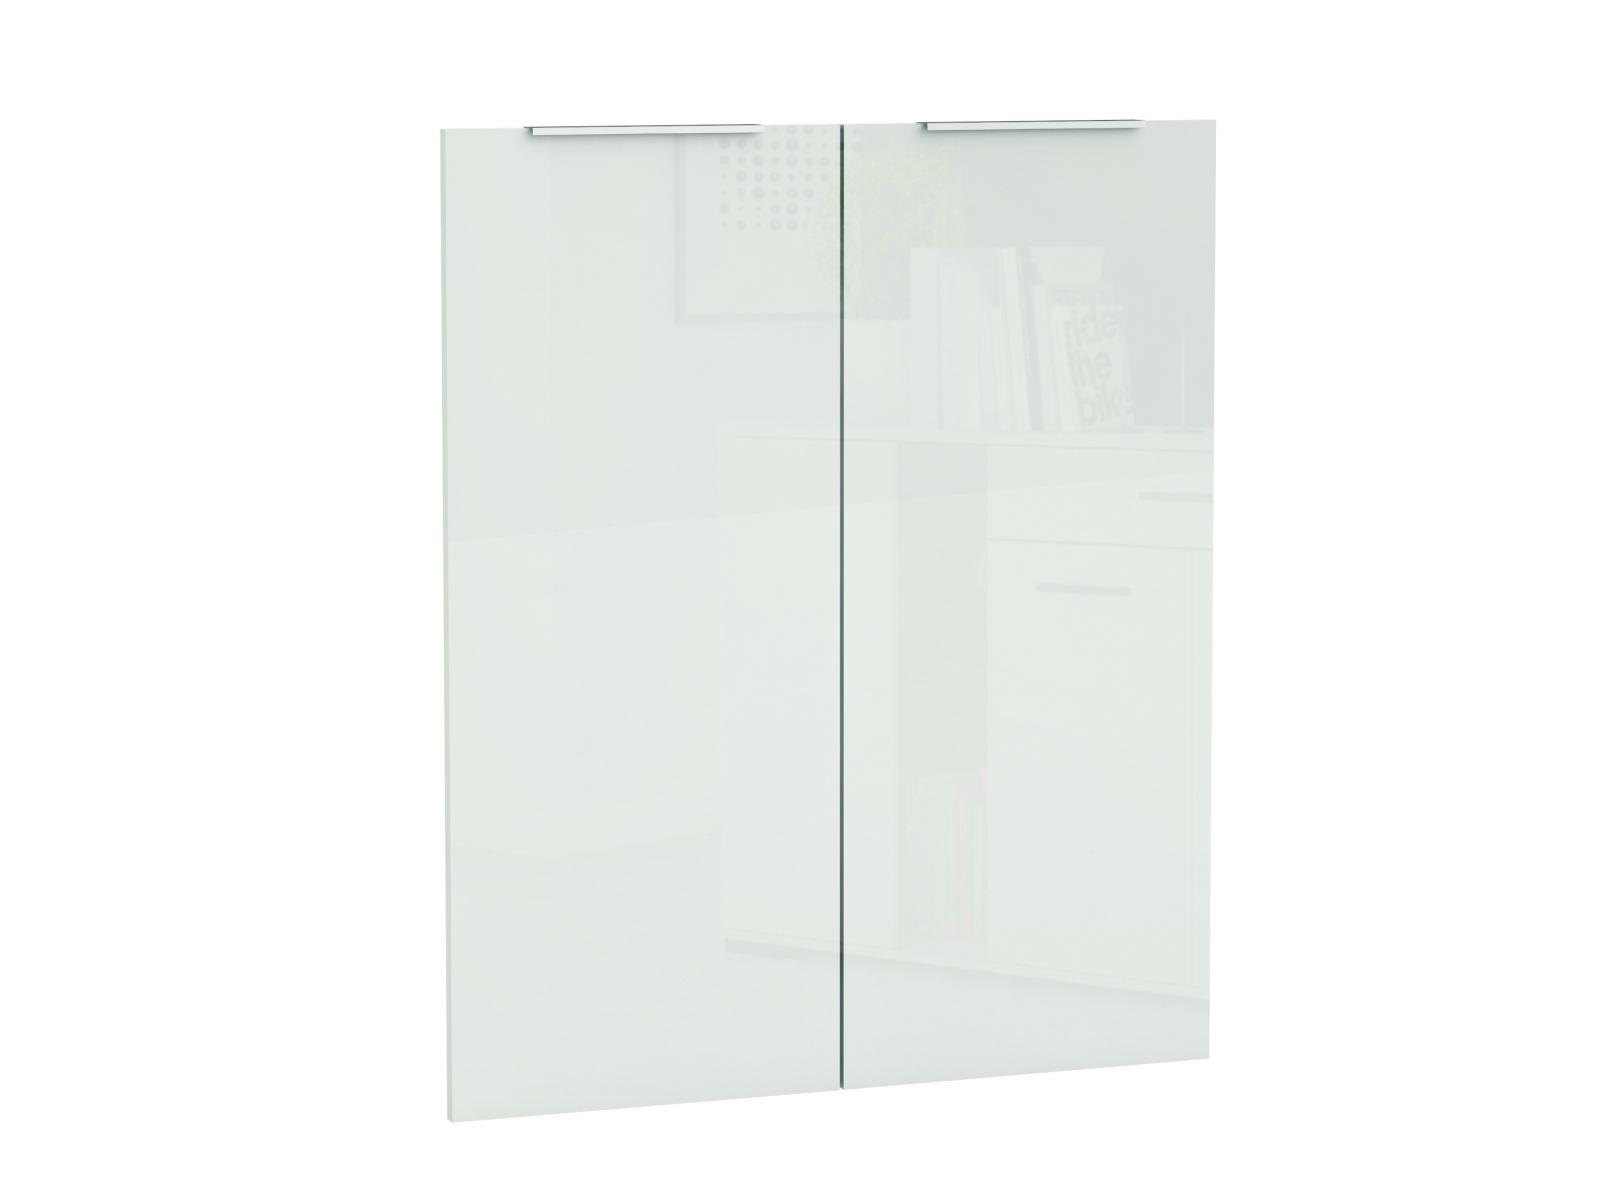 OPTIMA, dveře, bílý lesk, dveře, bílý lesk